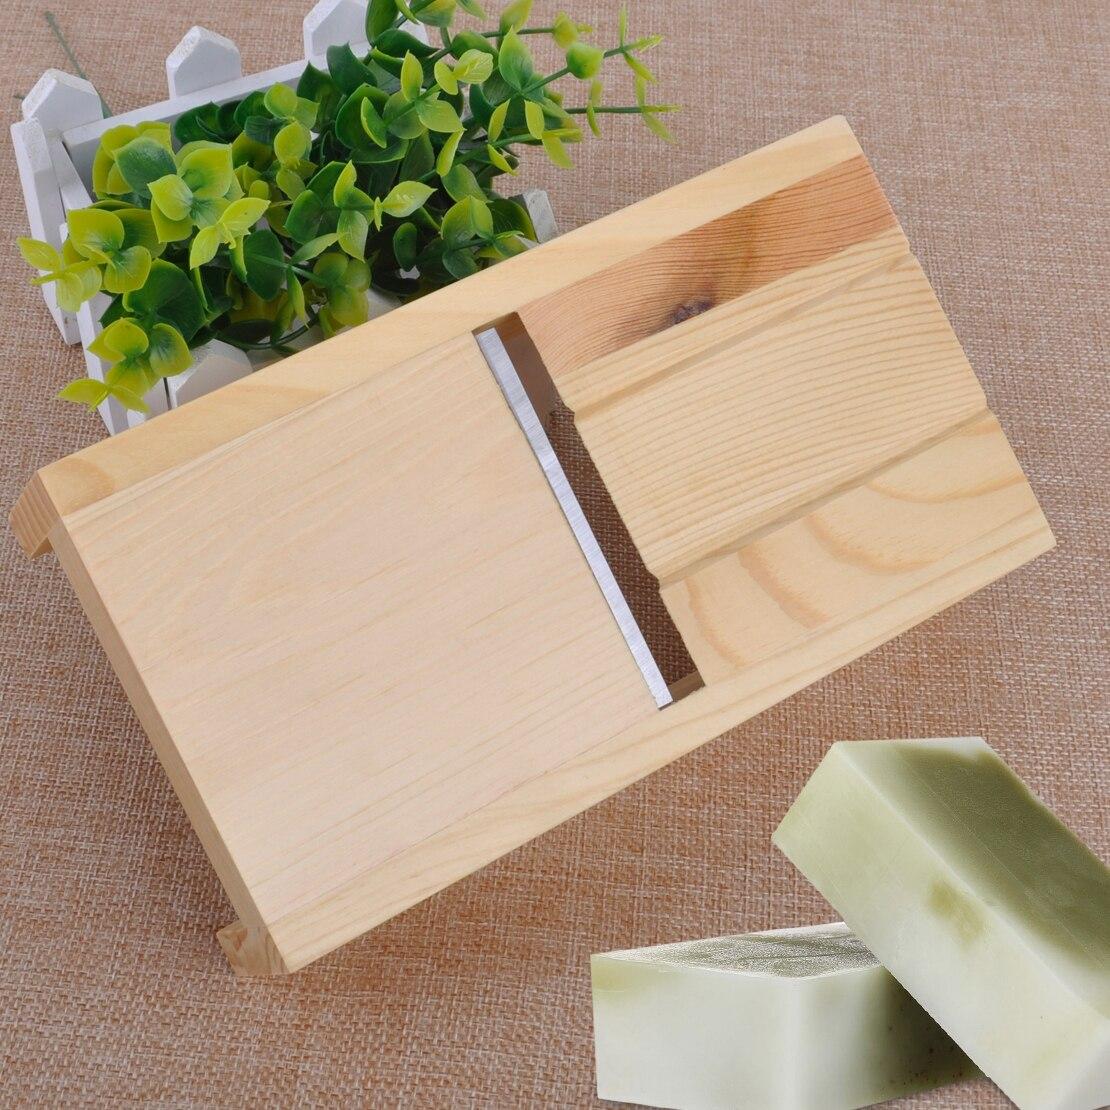 LETAOSK Adjustable Wooden Soap Beveler Planer Sharp Blade Candle Loaf Mold Cutter Craft Making Tool 2016 one soap mold loaf cutter adjustable wood and beveler planer cutting tool set